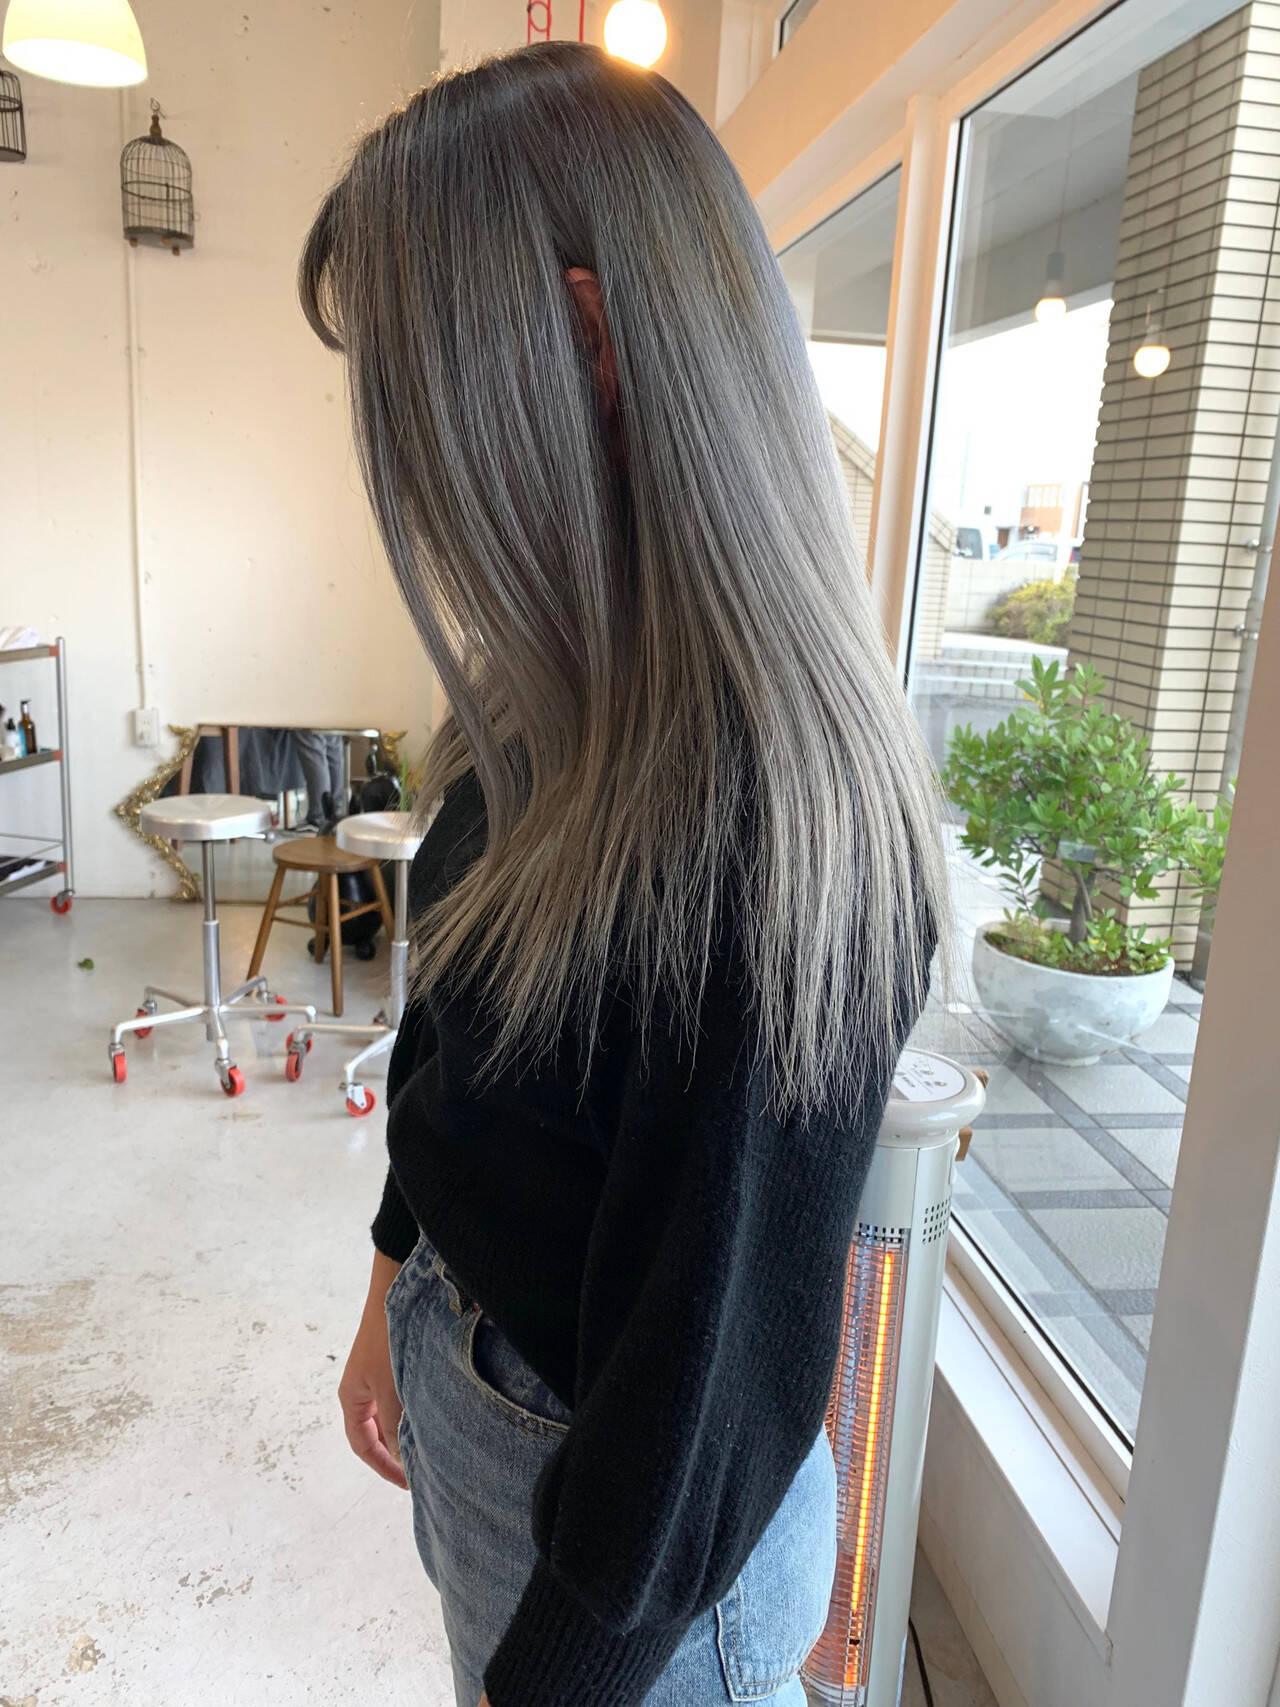 アンニュイほつれヘア ストリート ミディアム ダブルカラーヘアスタイルや髪型の写真・画像